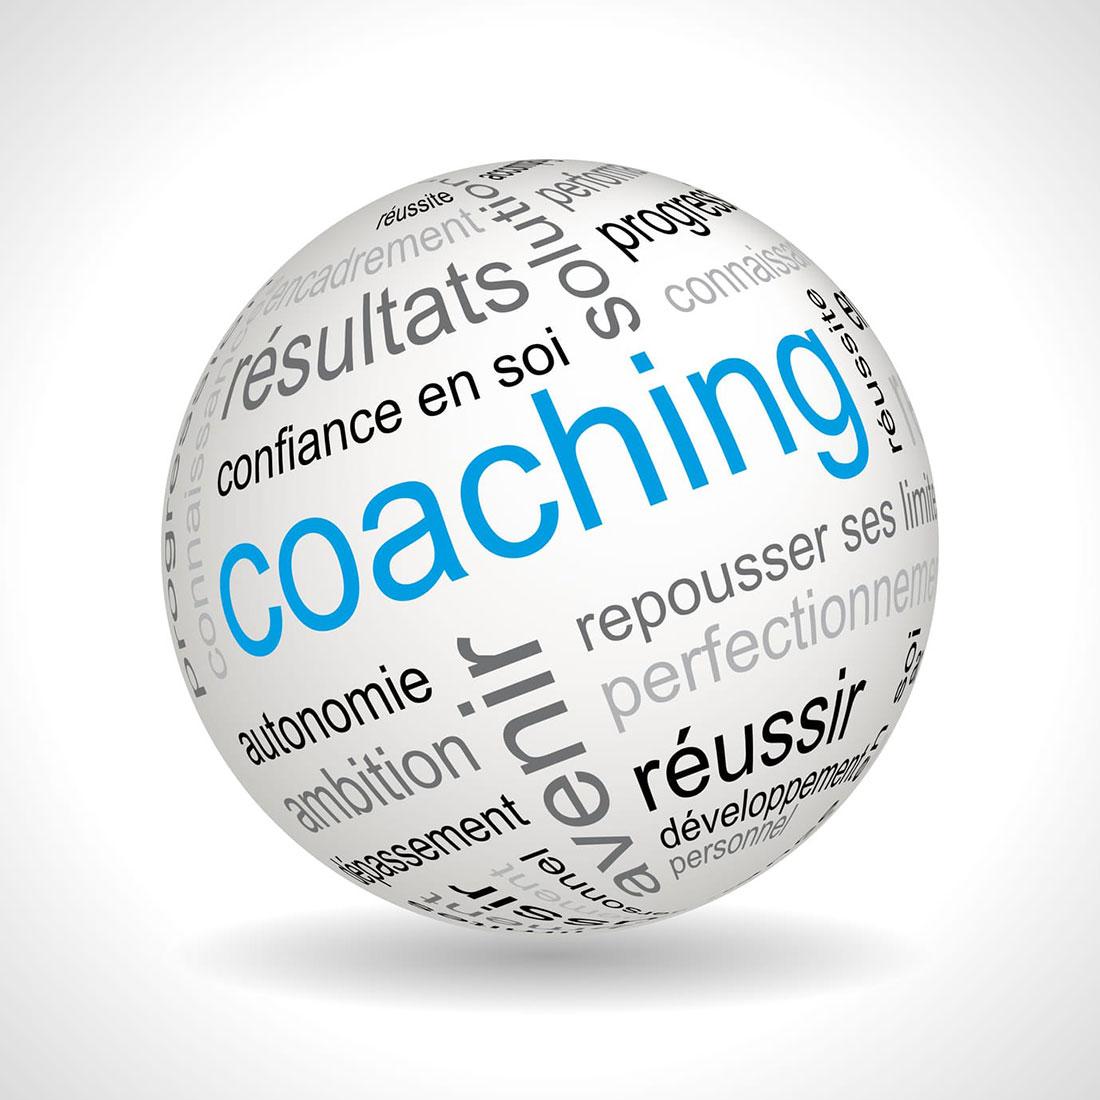 MGG Coaching, coaching en management du changement